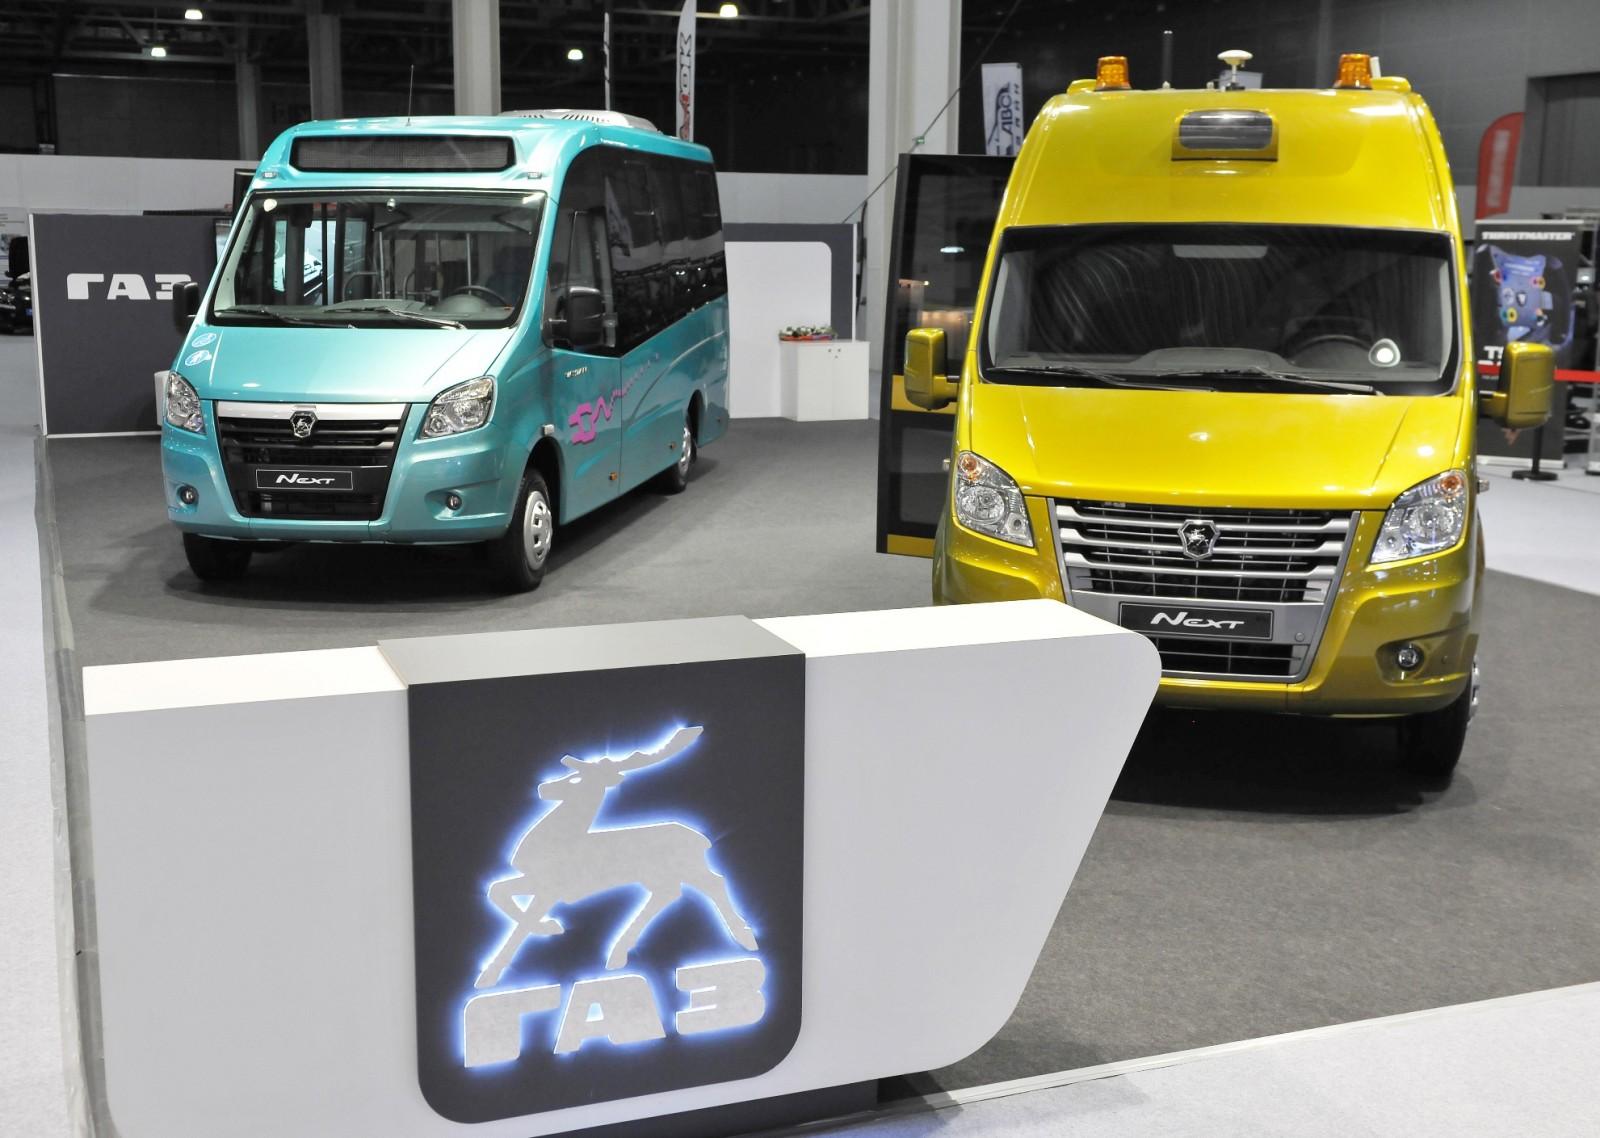 Для испытания автопилотируемых автомобилей, а также для оценки работы  функций ADAS, на полигоне Горьковского автозавода построен специальный  участок, ... 3f4f03866e4